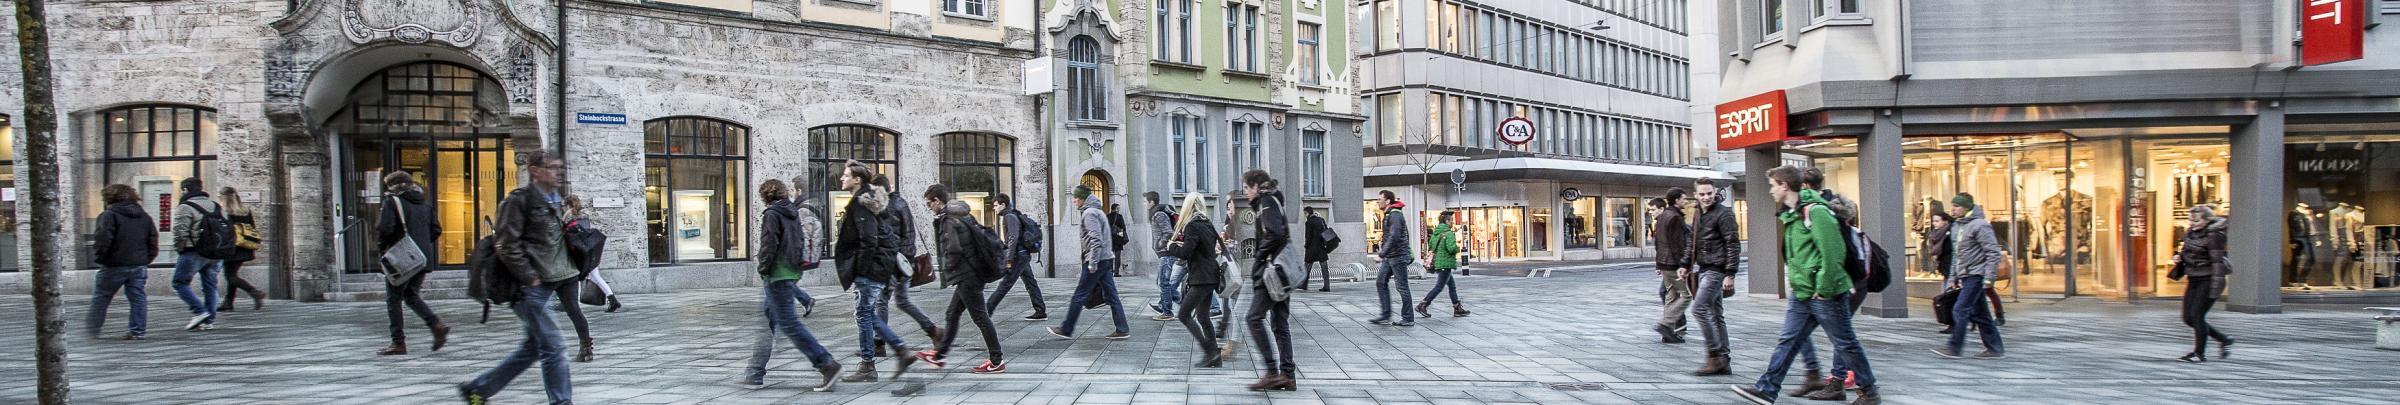 Die Szenarien zur Bevölkerungsentwicklung in der Schweiz sind eine markante Alterung der Wohnbevölkerung zwischen 2005 und 2035 und eine rückläufige Erwerbsbevölkerung ab 2015.